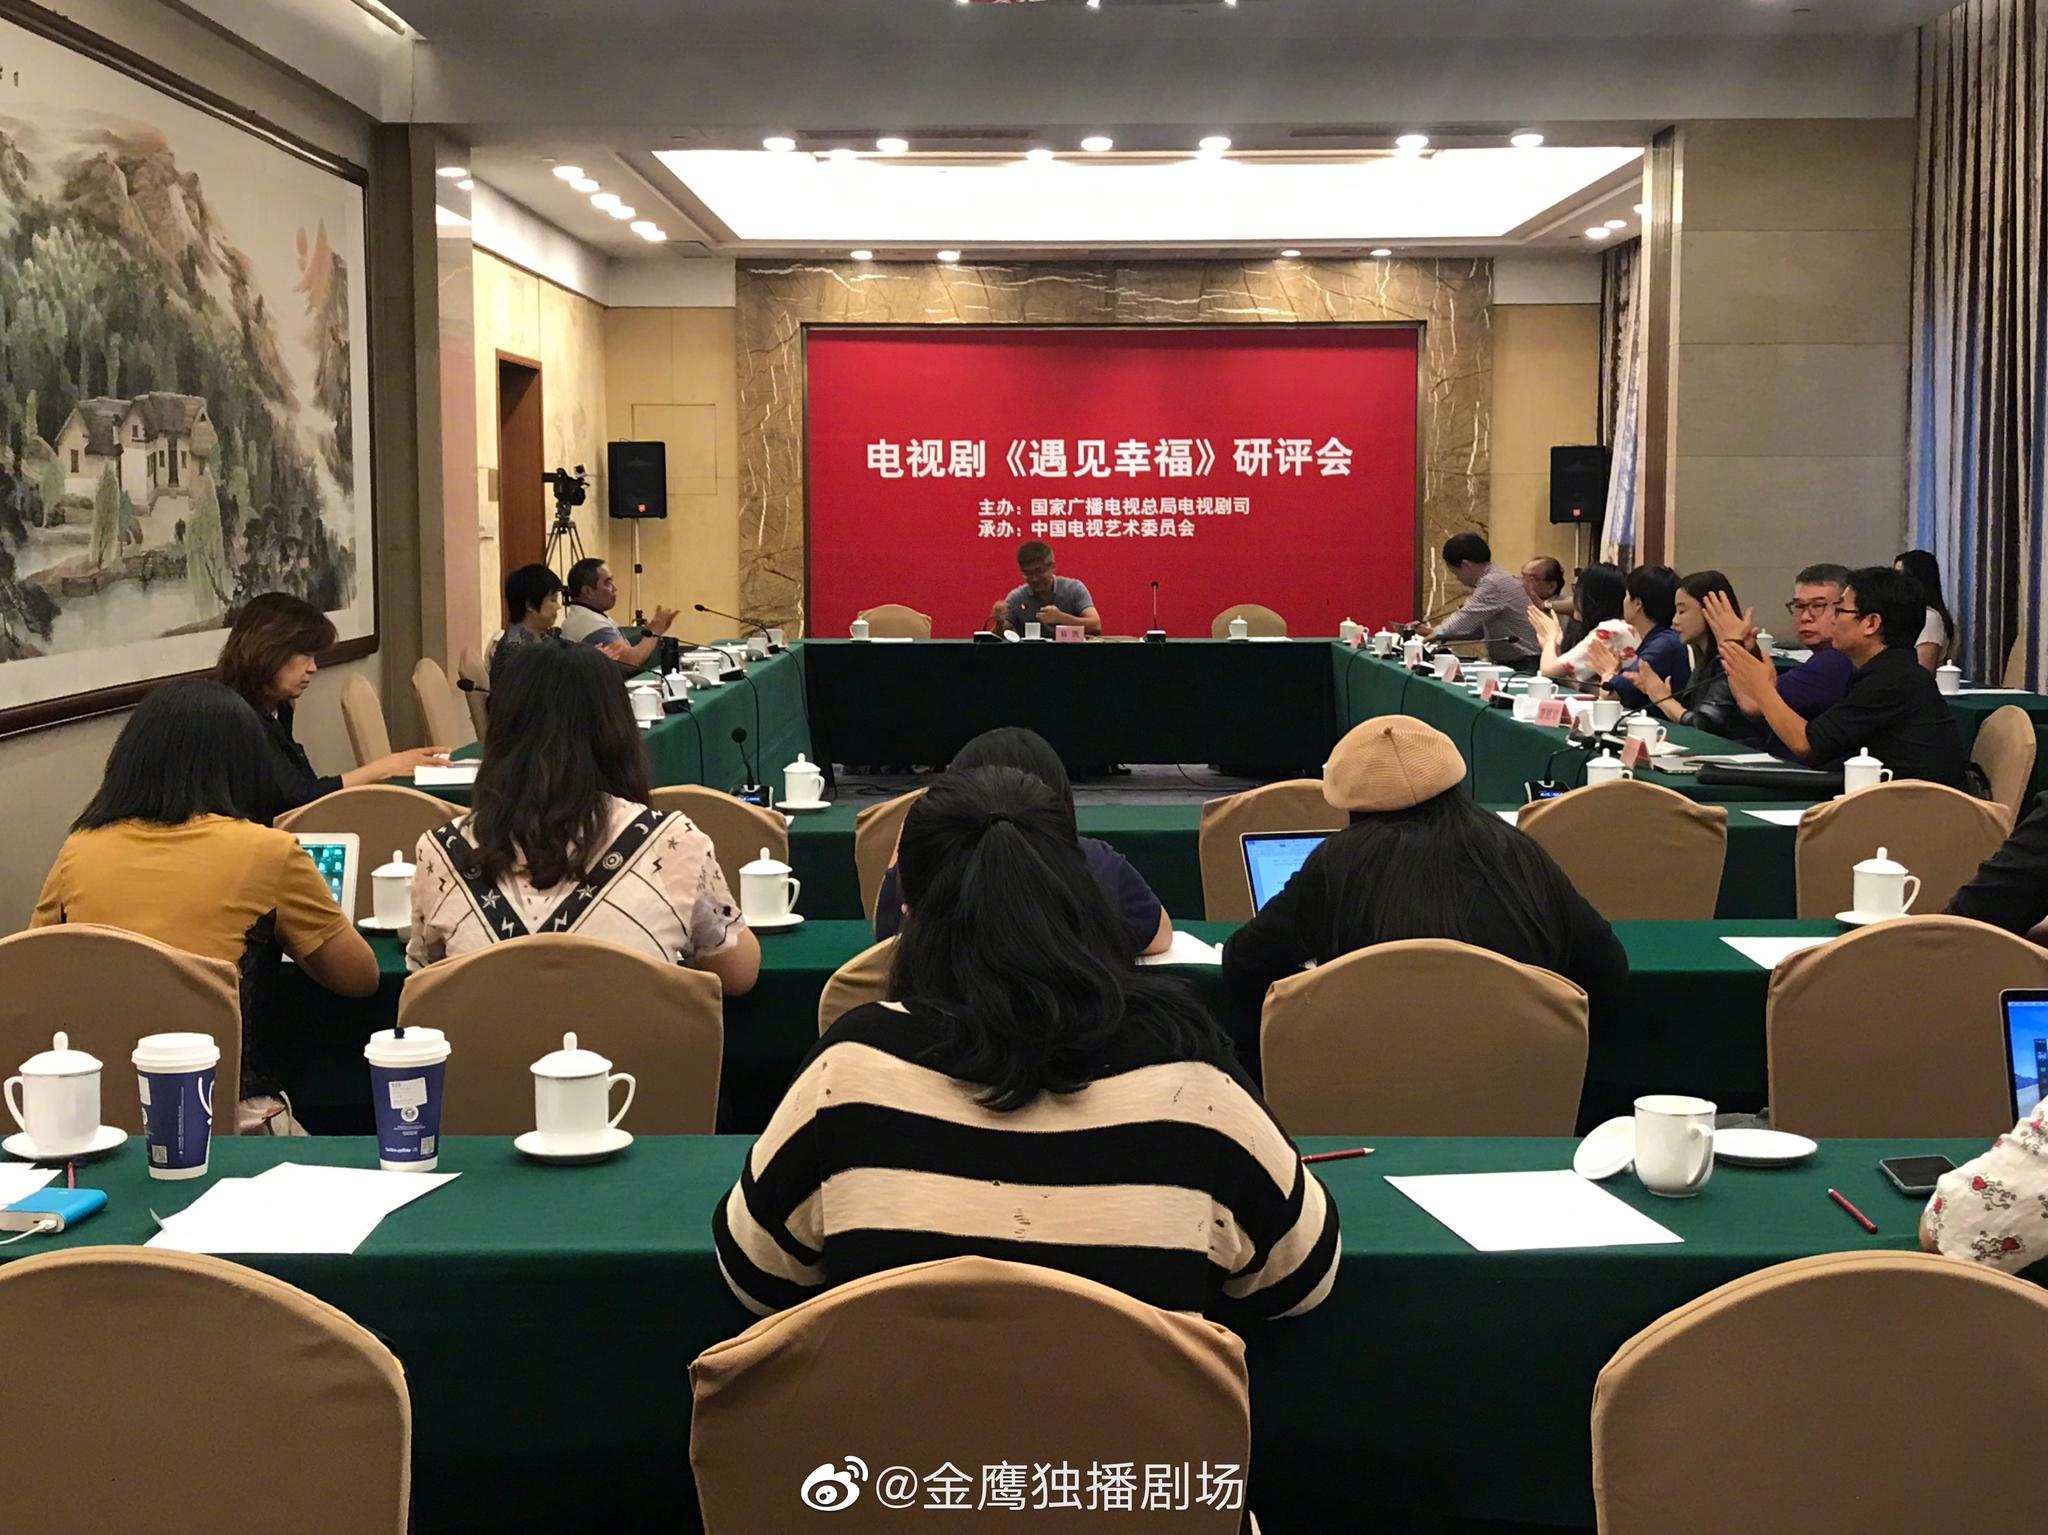 昨日在北京举办研评会,多位专家及剧集主创参会